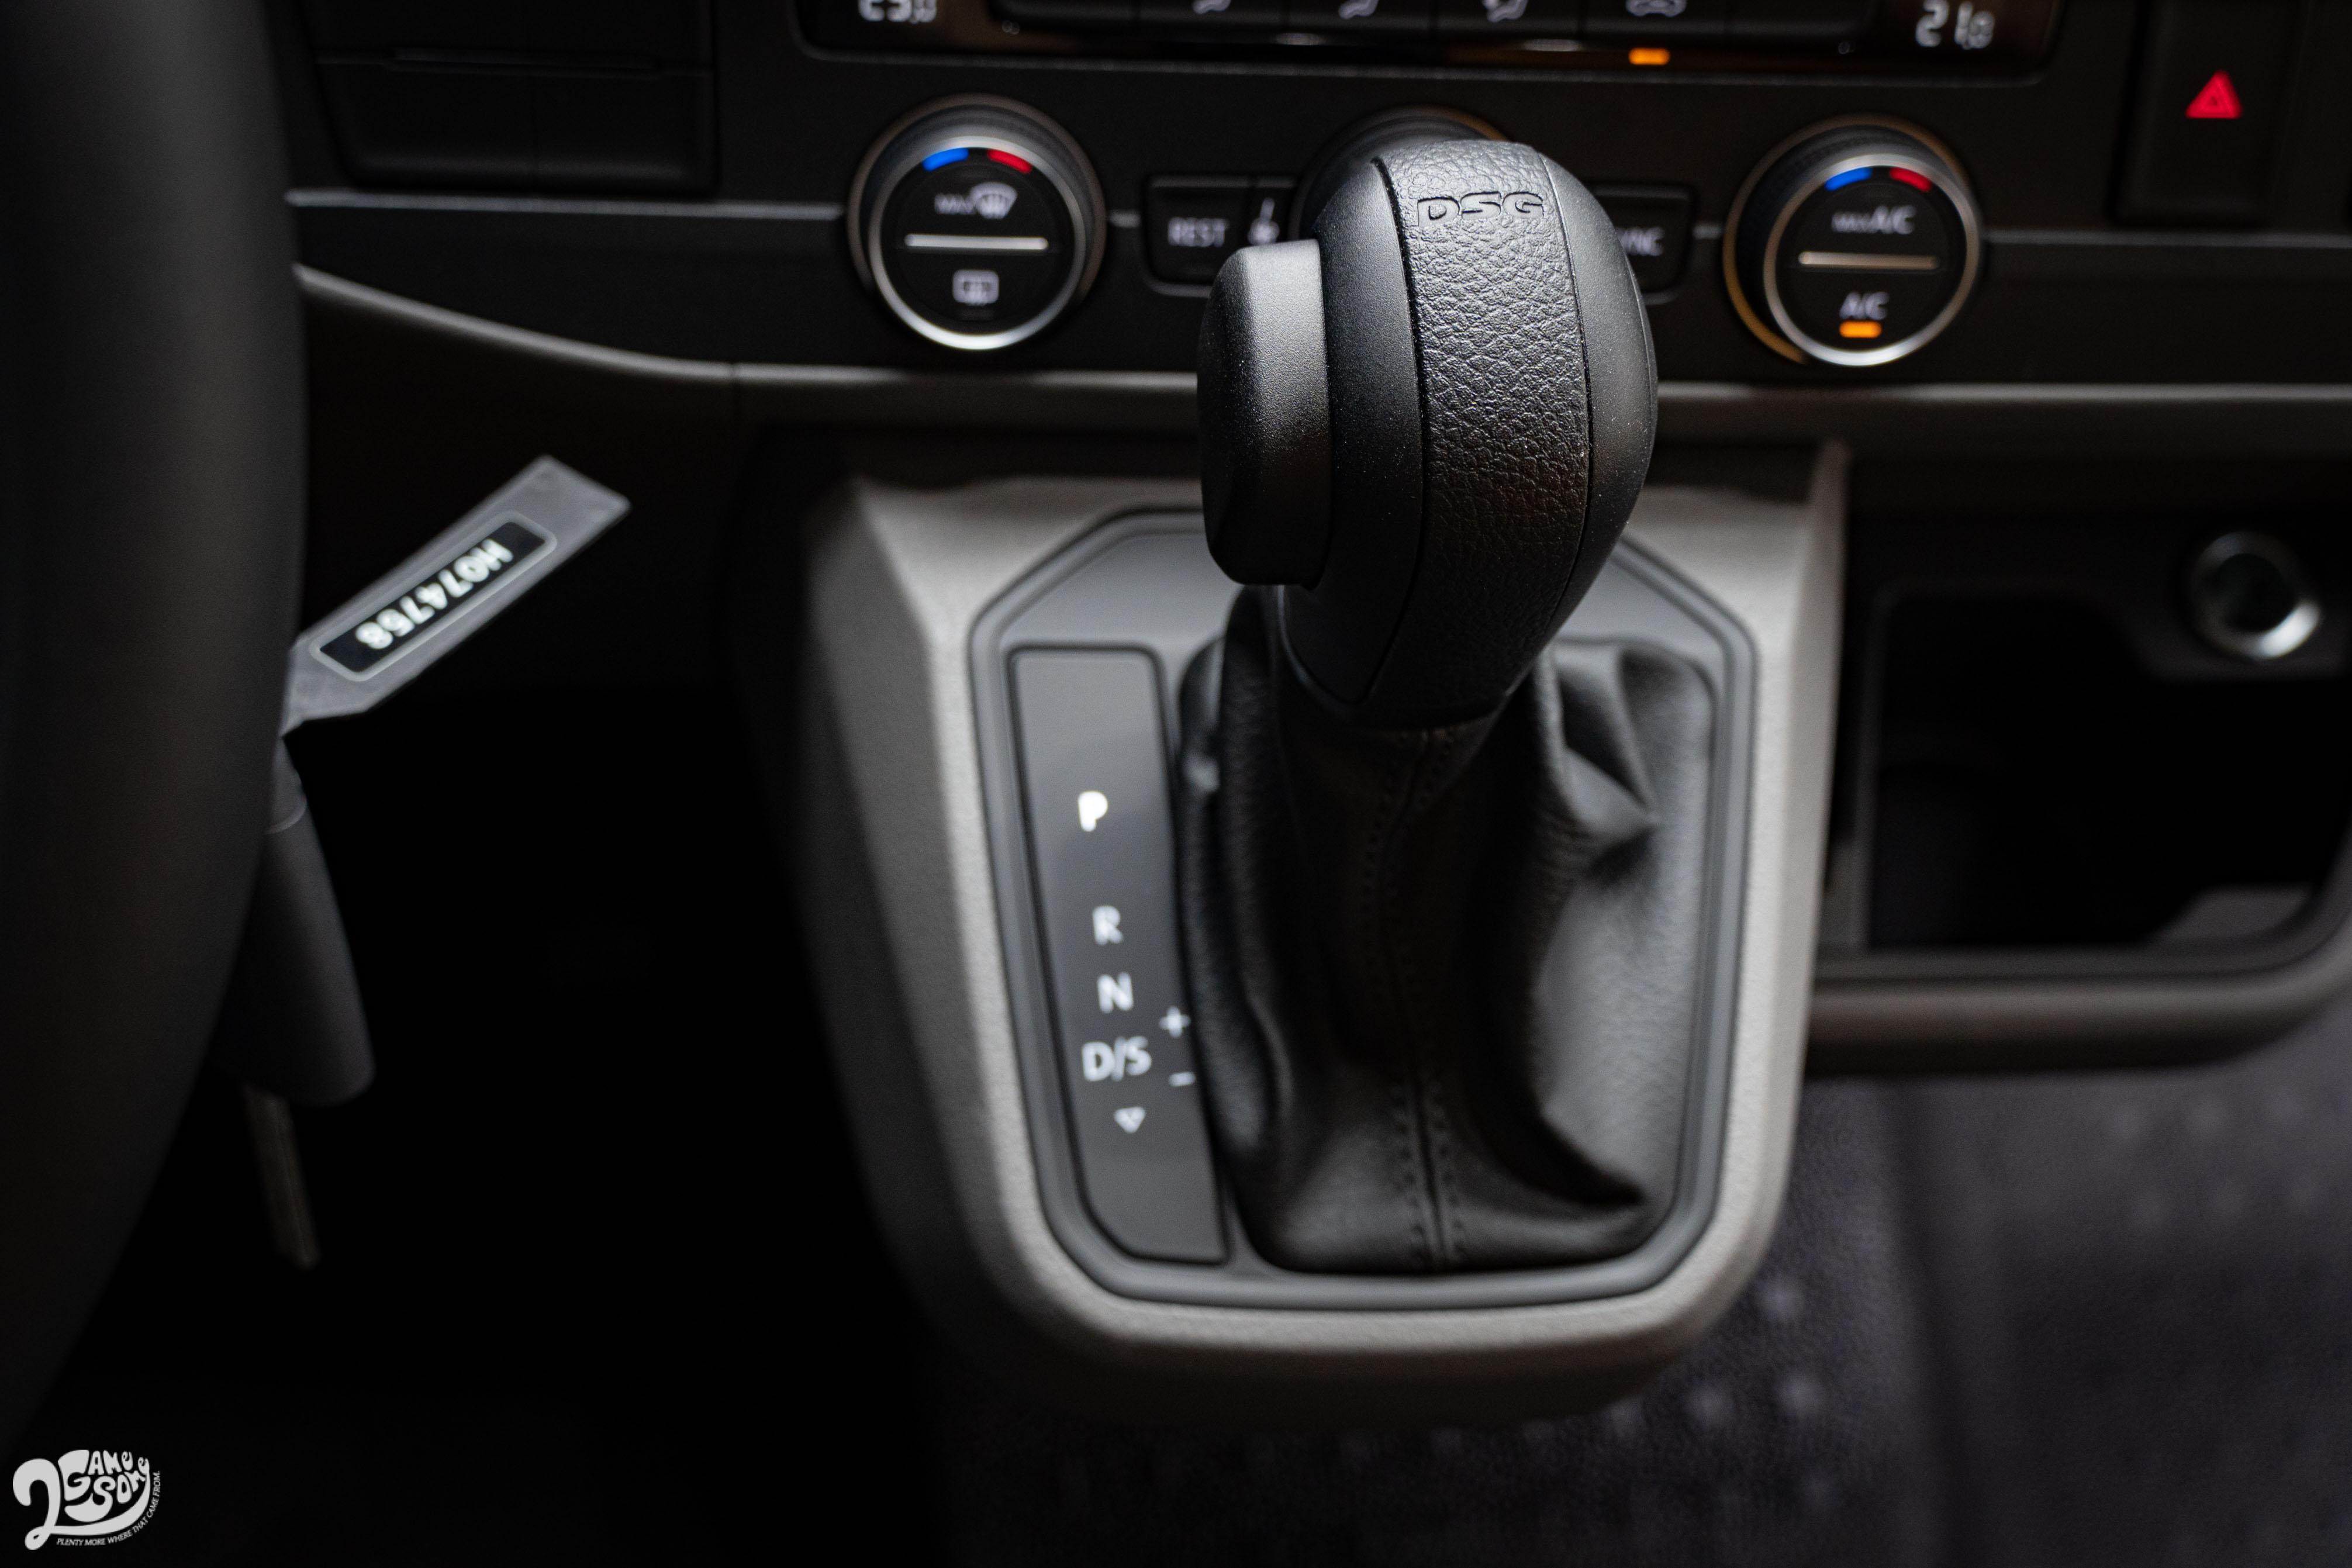 配備七速雙離合器自手排,再往下一階的 110L 則是五速手排車型。